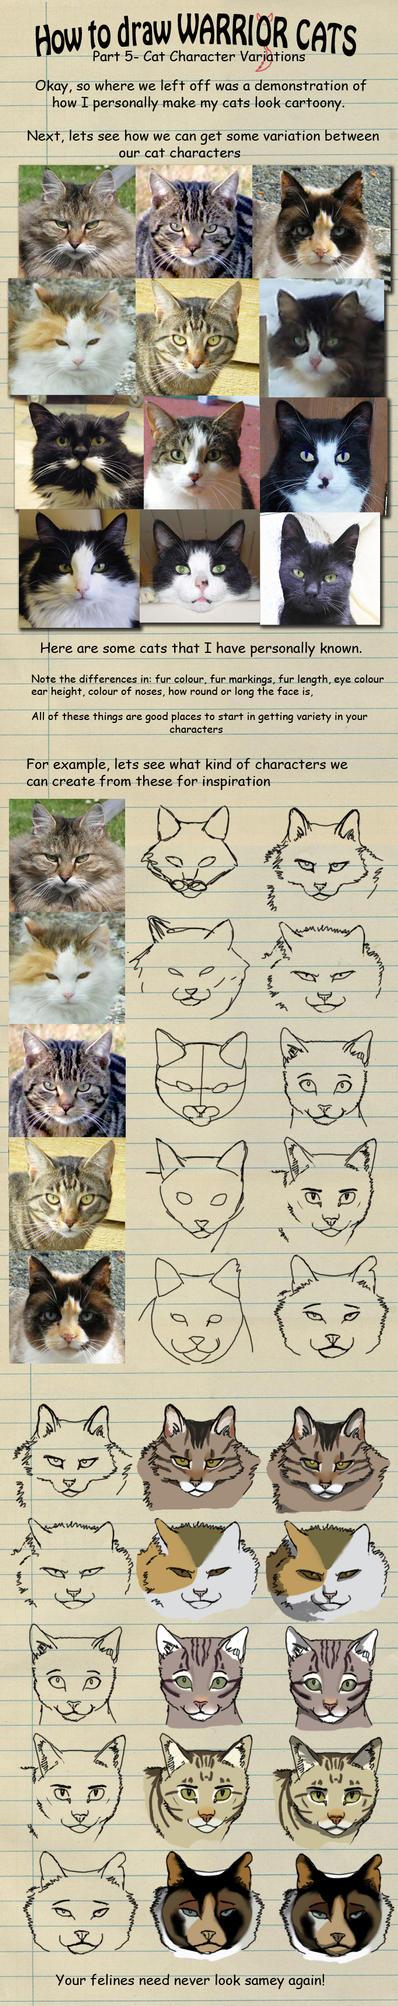 Heylorlass 1,536 73 How To Draw Warrior Cats Pt 5 By Heylorlass